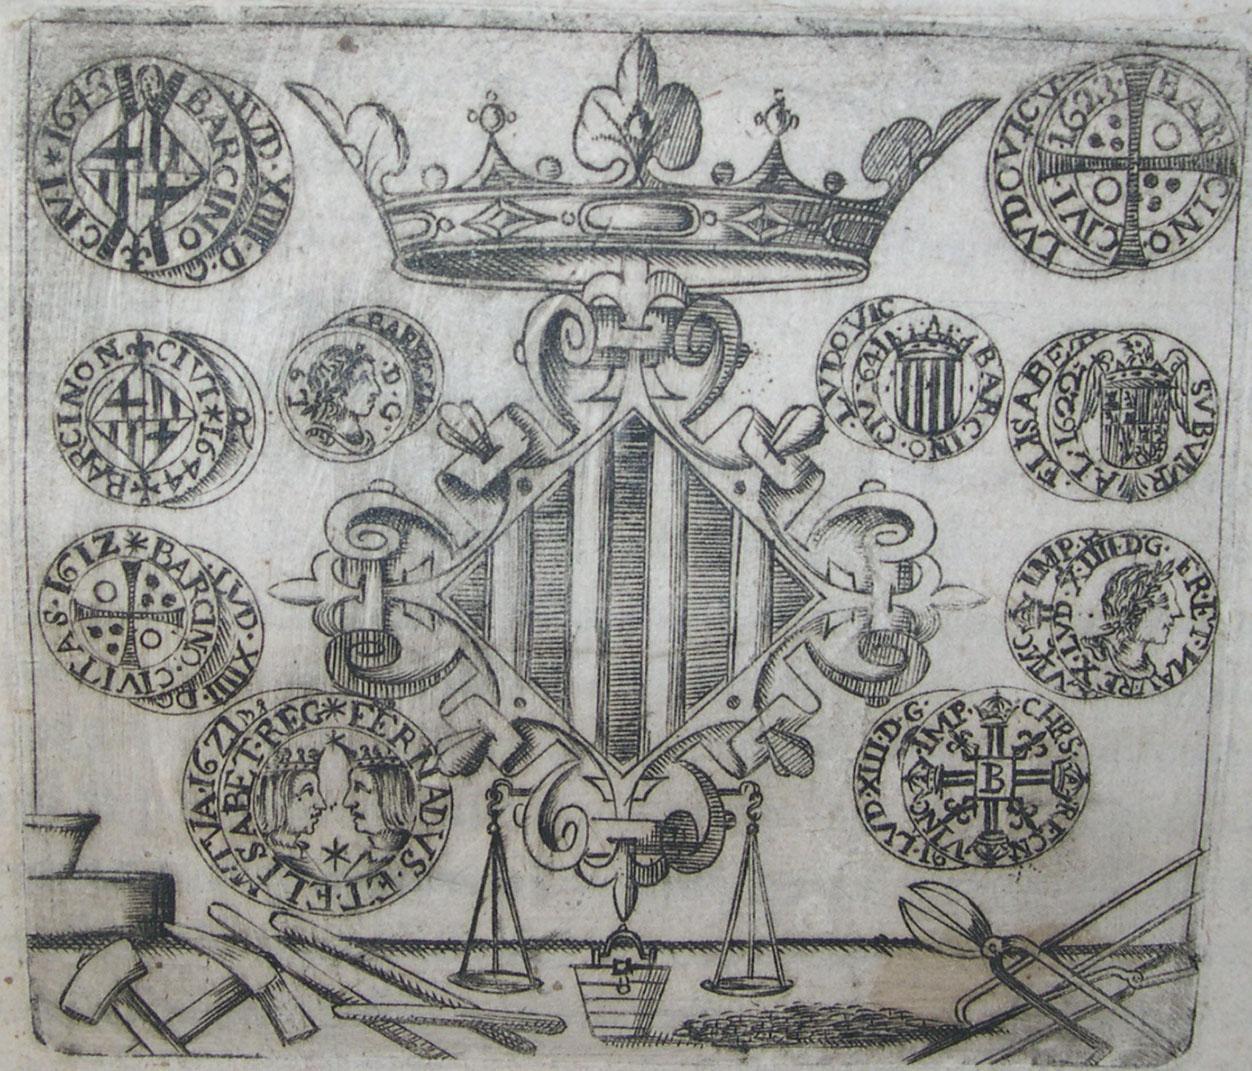 Ramon Olivet. Gravat amb al·legoria del Col·legi d'obrers i de moneders de la seca reial de Barcelona durant la Guerra dels Segadors, 1646, Centre Excursionista de Catalunya